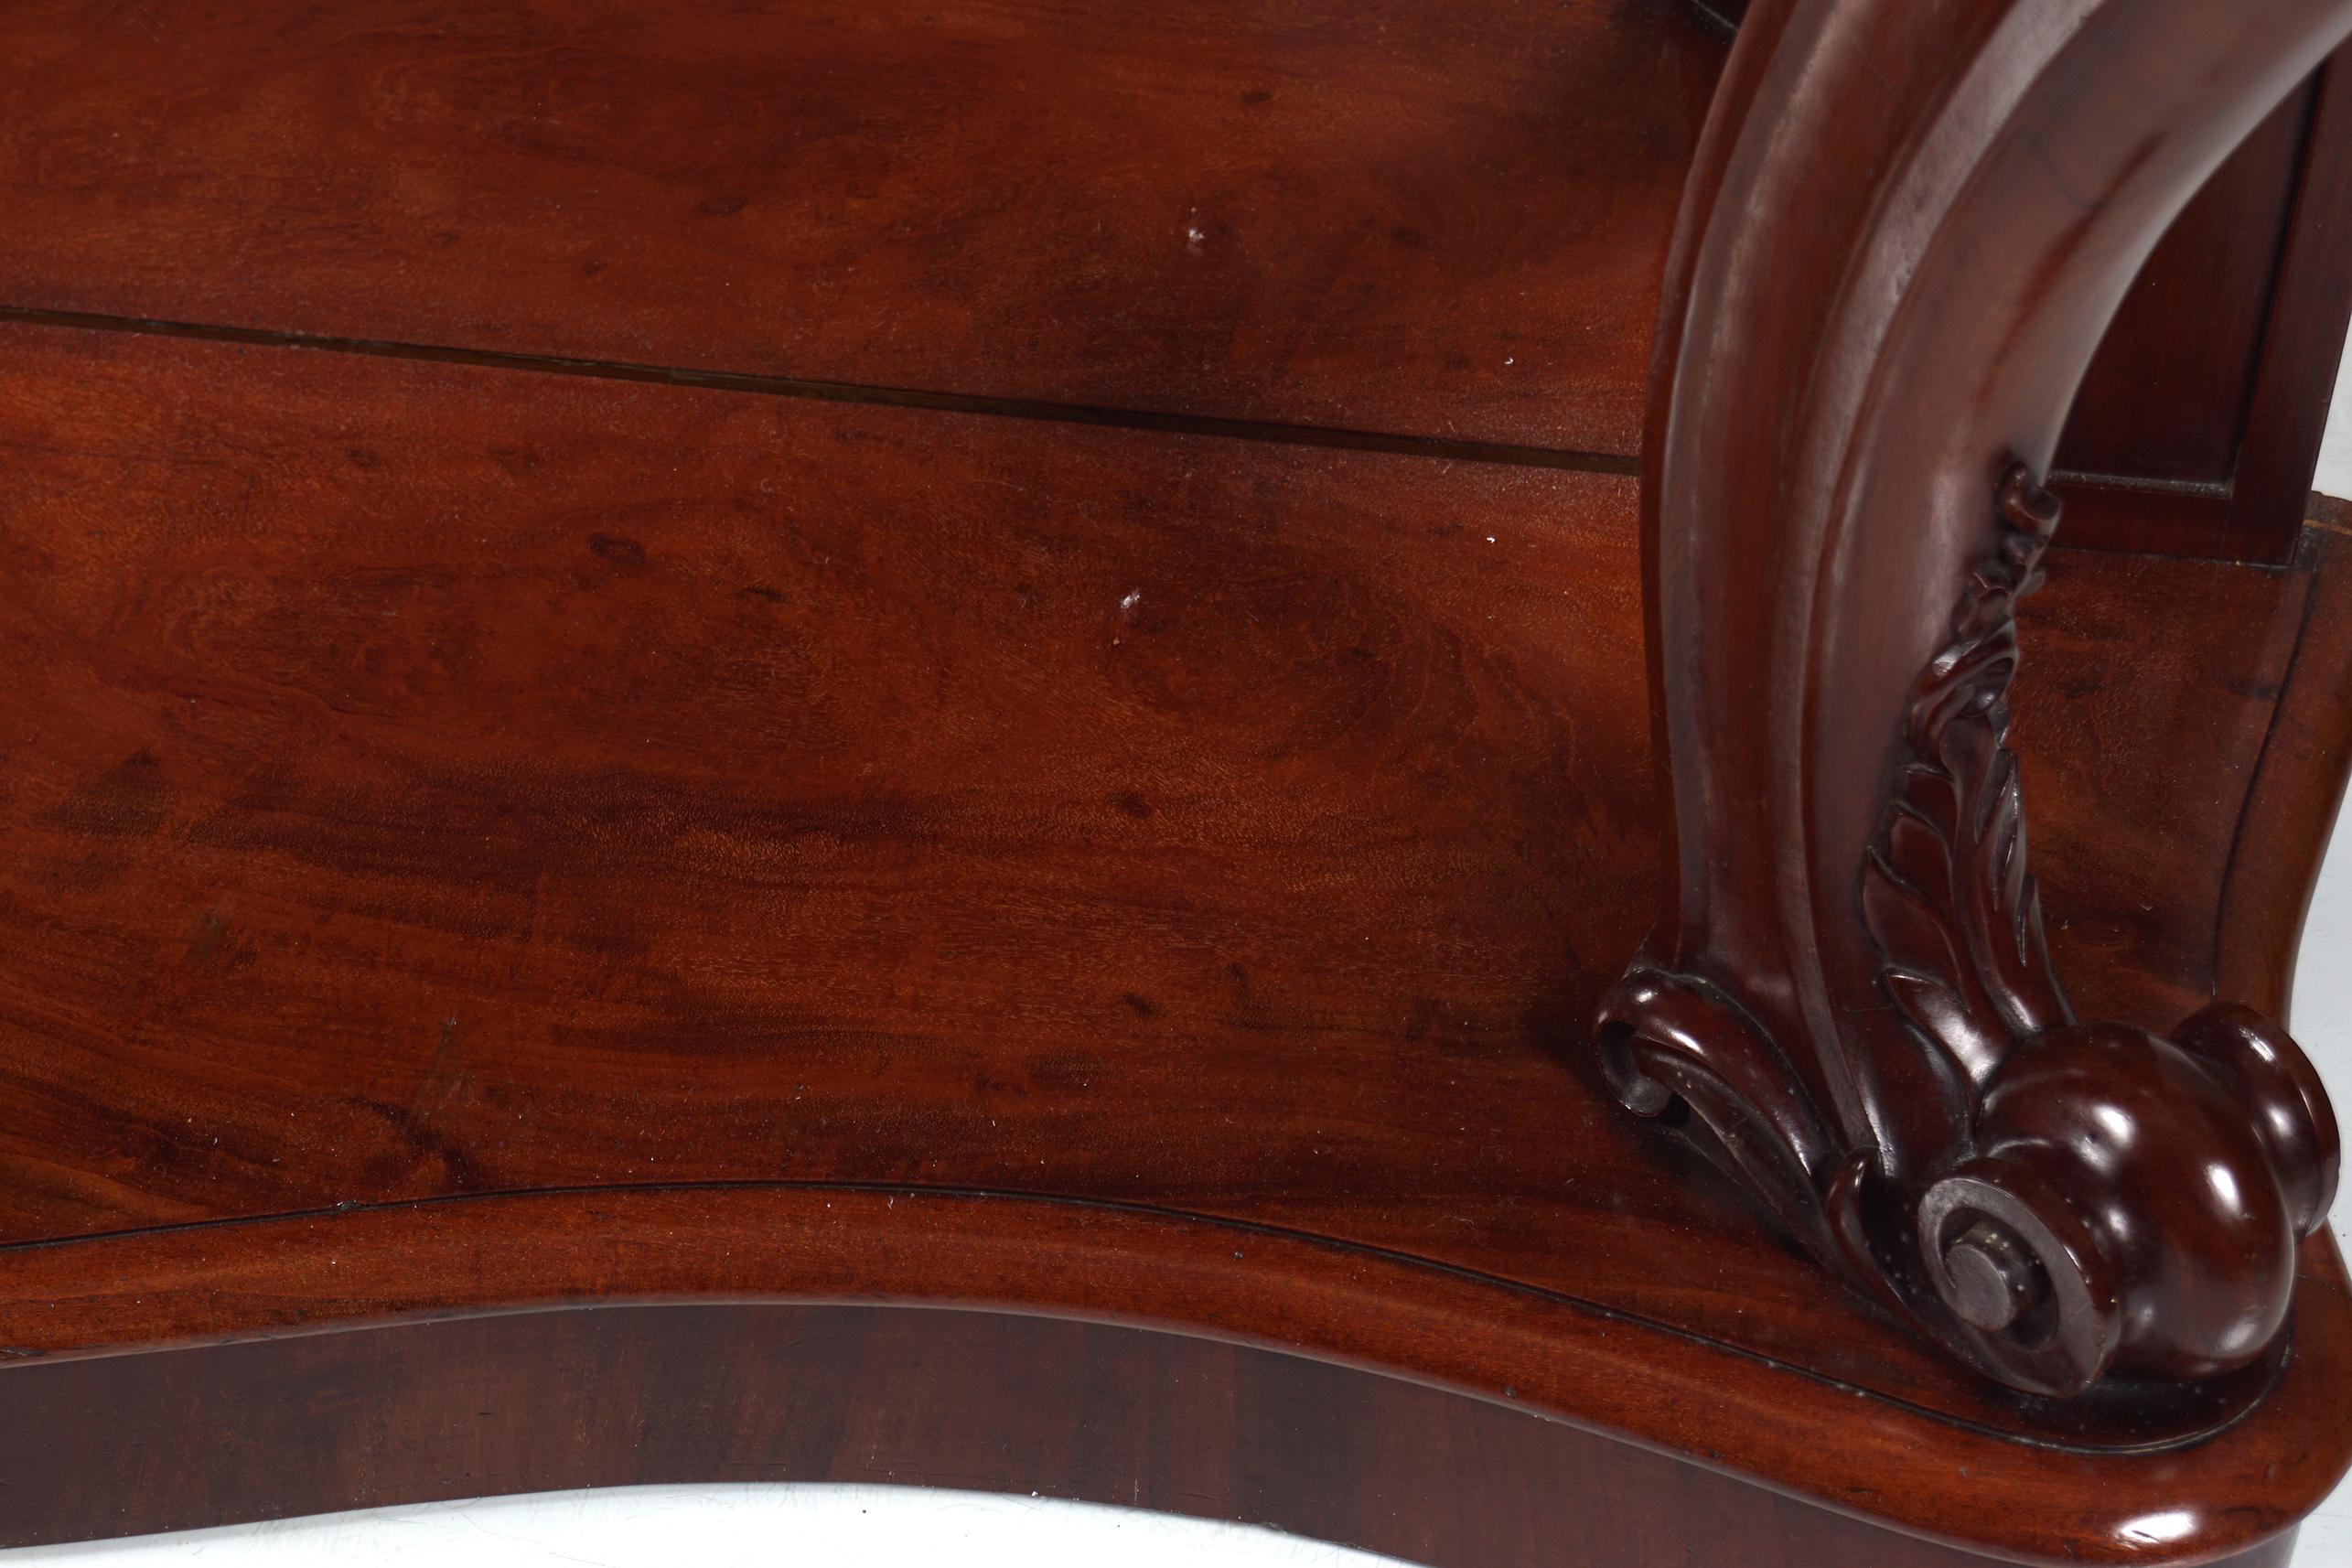 19TH-CENTURY MAHOGANY HALL TABLE - Image 6 of 6